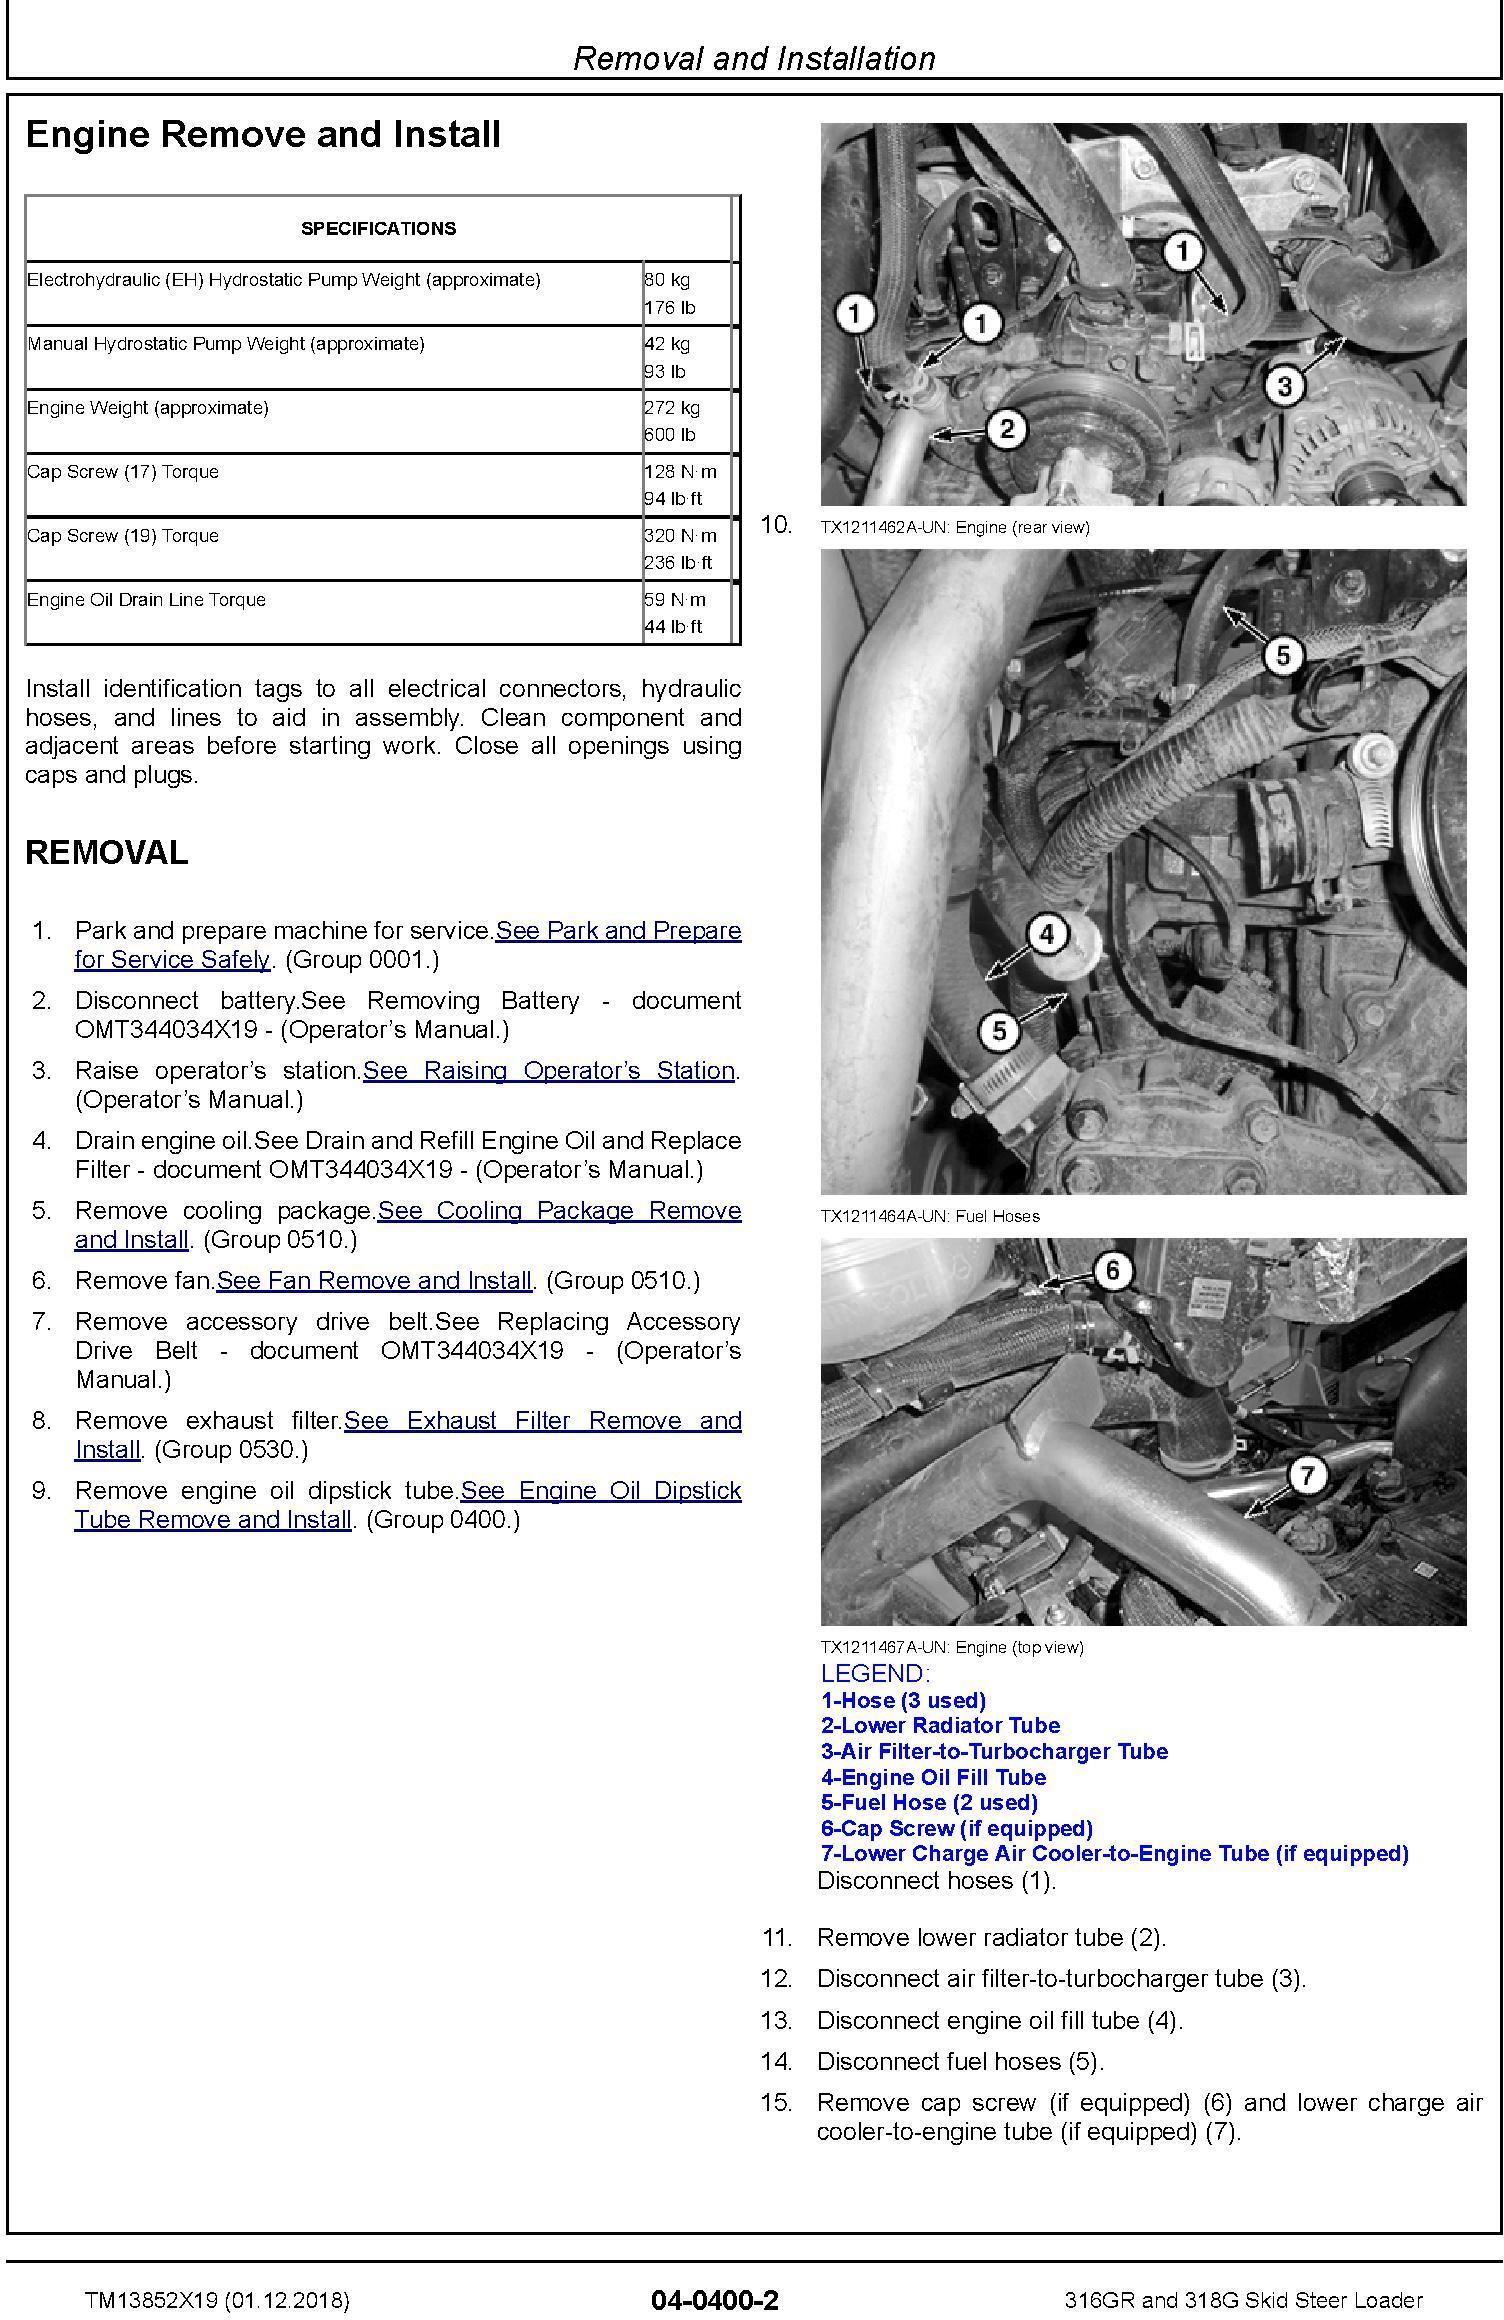 John Deere 316GR and 318G Skid Steer Loader Repair Service Manual (TM13852X19) - 3